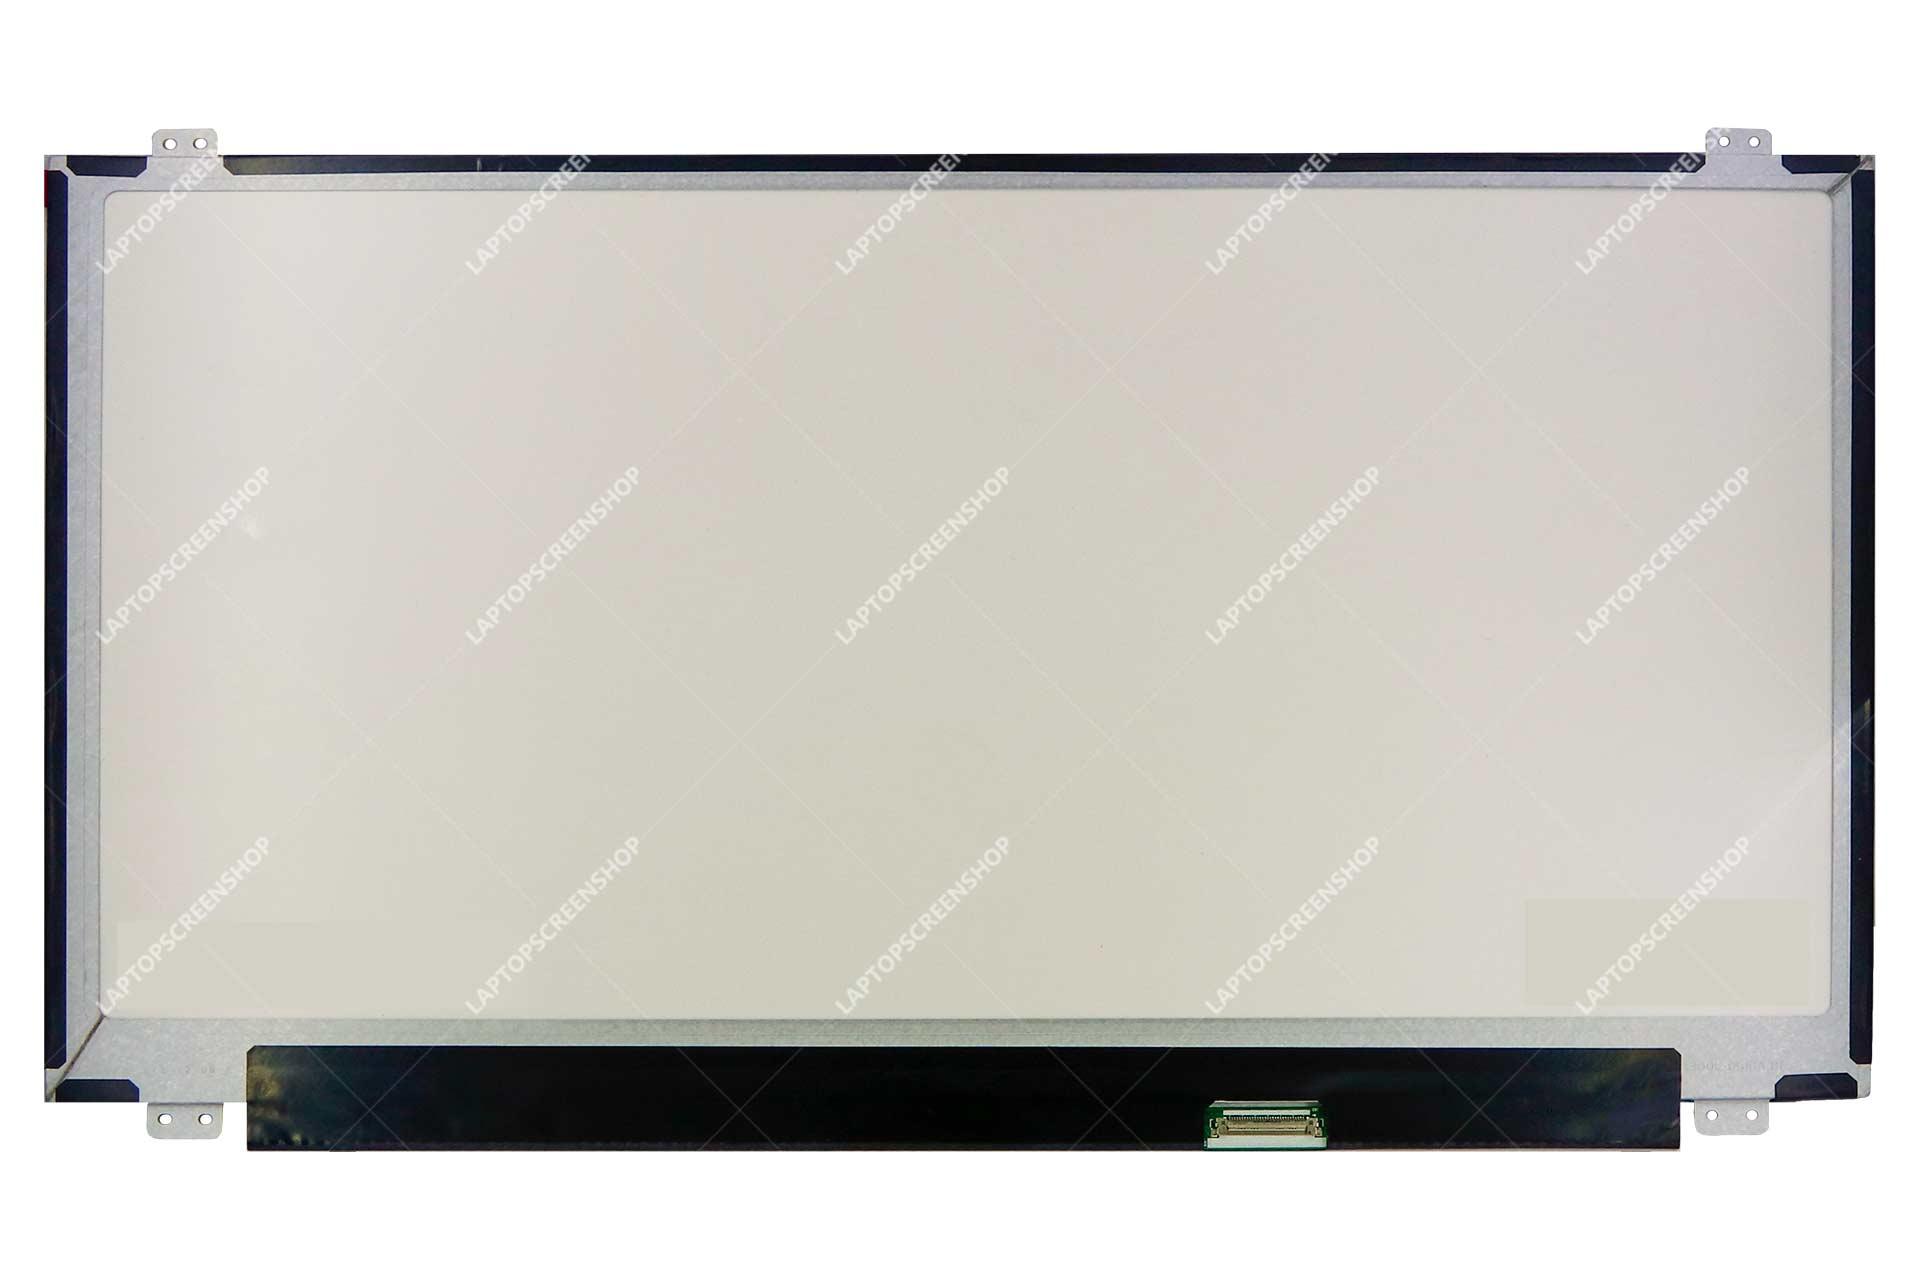 ACER-ASPIRE-E15- E5-532-C35F-LCD |HD|فروشگاه لپ تاپ اسکرين | تعمير لپ تاپ